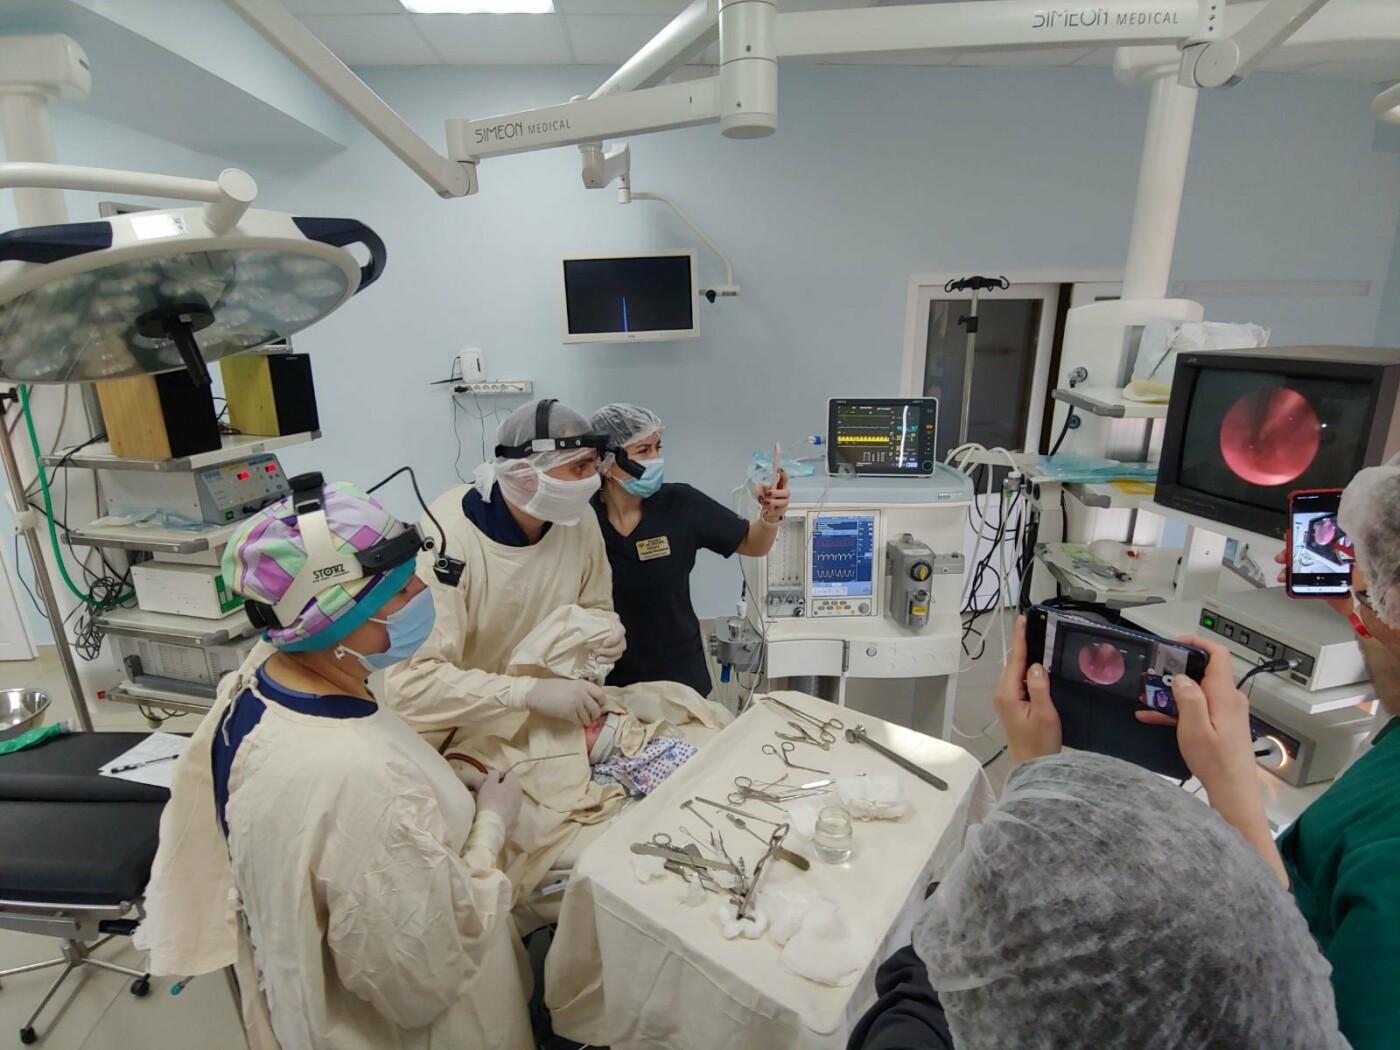 У Львові провели рідкісну операцію новонародженій дівчинці, Фото - лікарня на Орлика у Львові